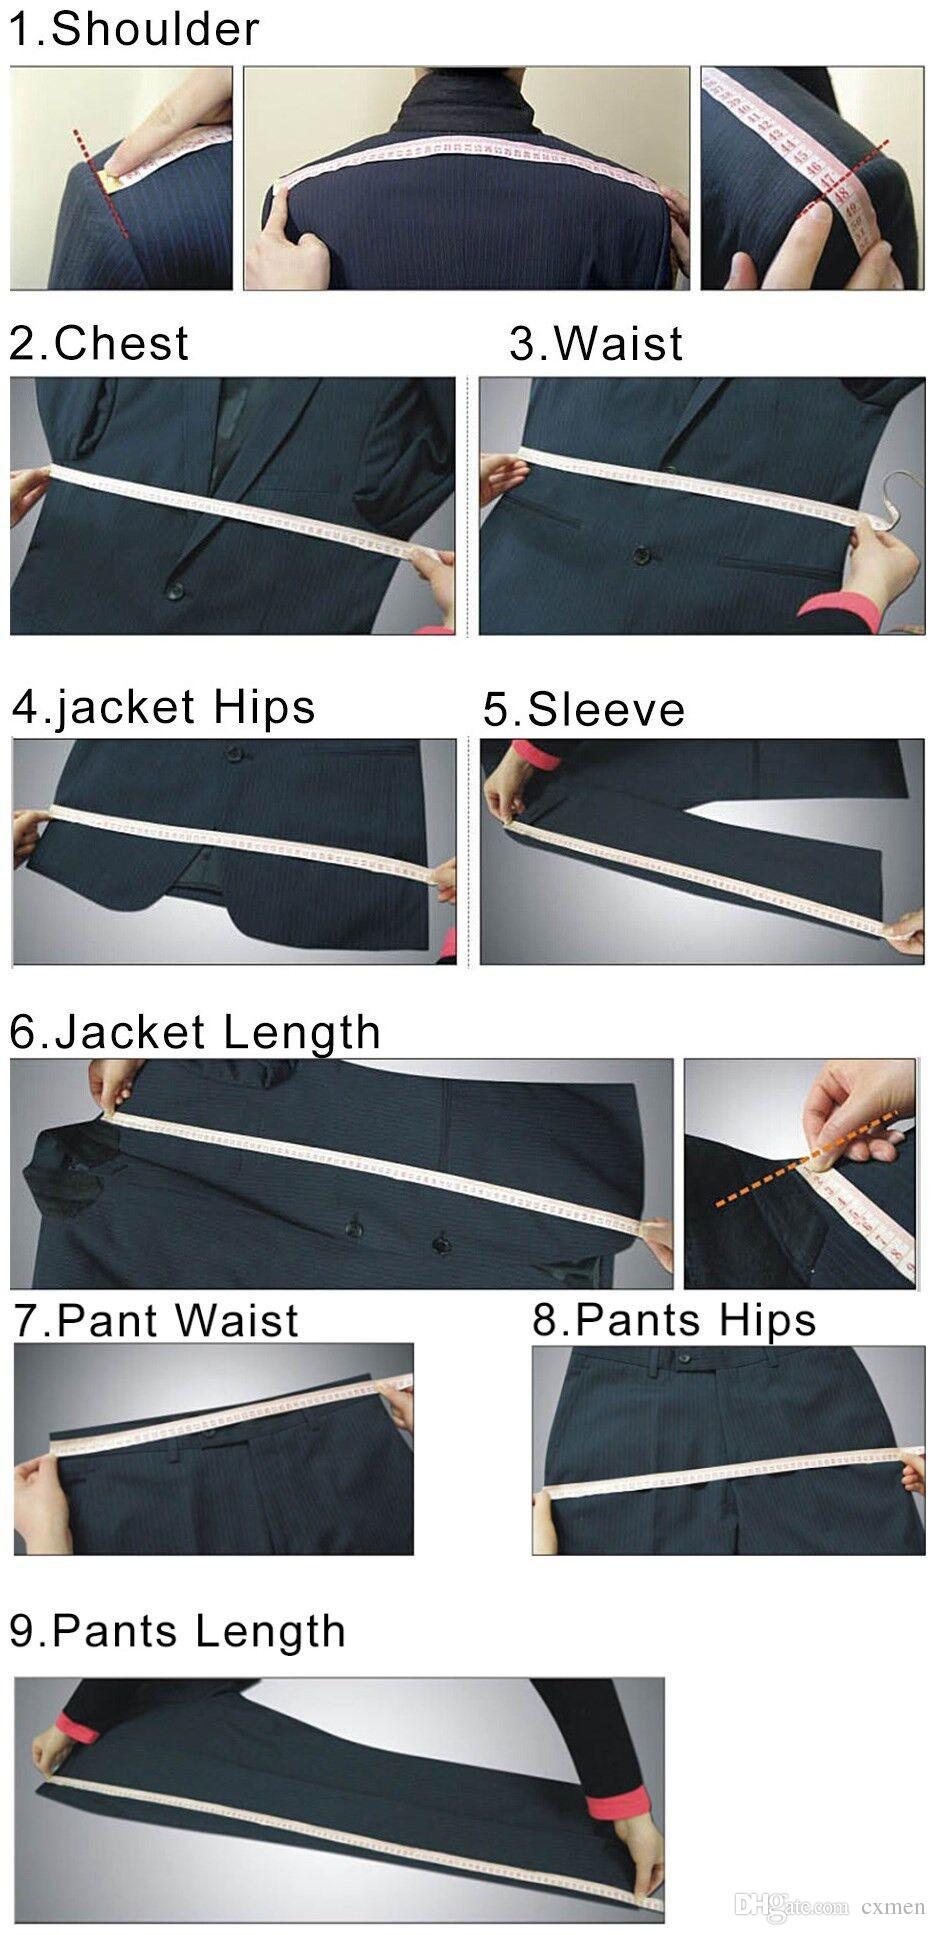 Özel Yapılmış Siyah Düğün Erkekler için Beyaz Şal Yaka Yakışıklı Damat Smokin Slim Fit Erkekler Blazer 3 Parça Ceket + Pantolon + Yelek